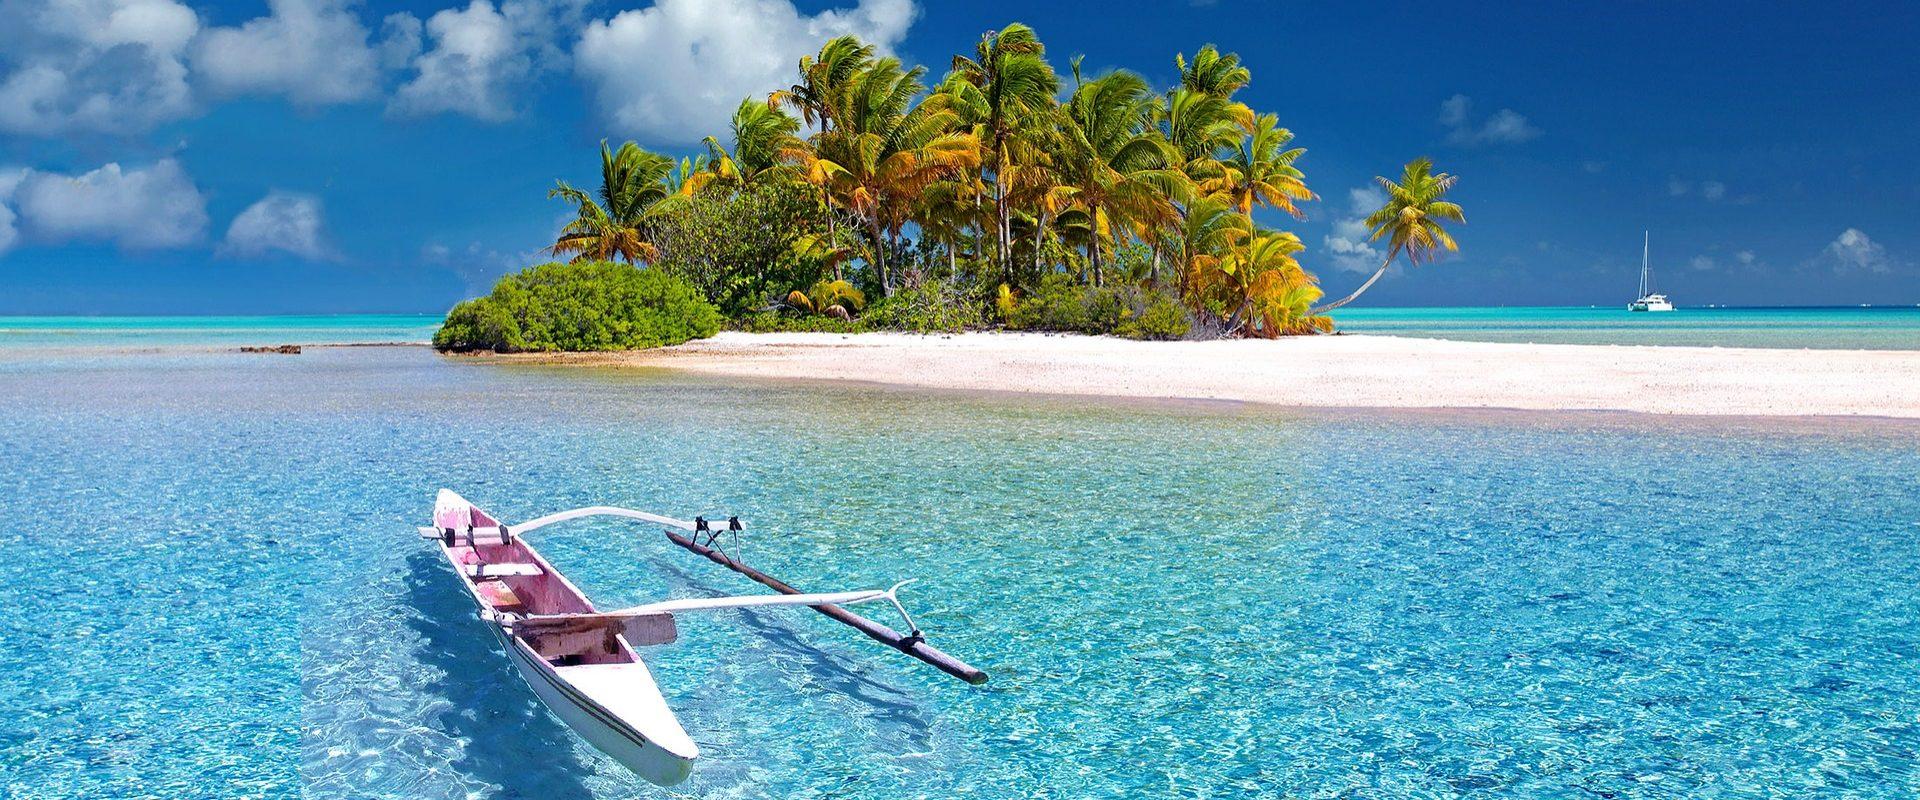 ConsigueHotel.com - Blog de Viajes